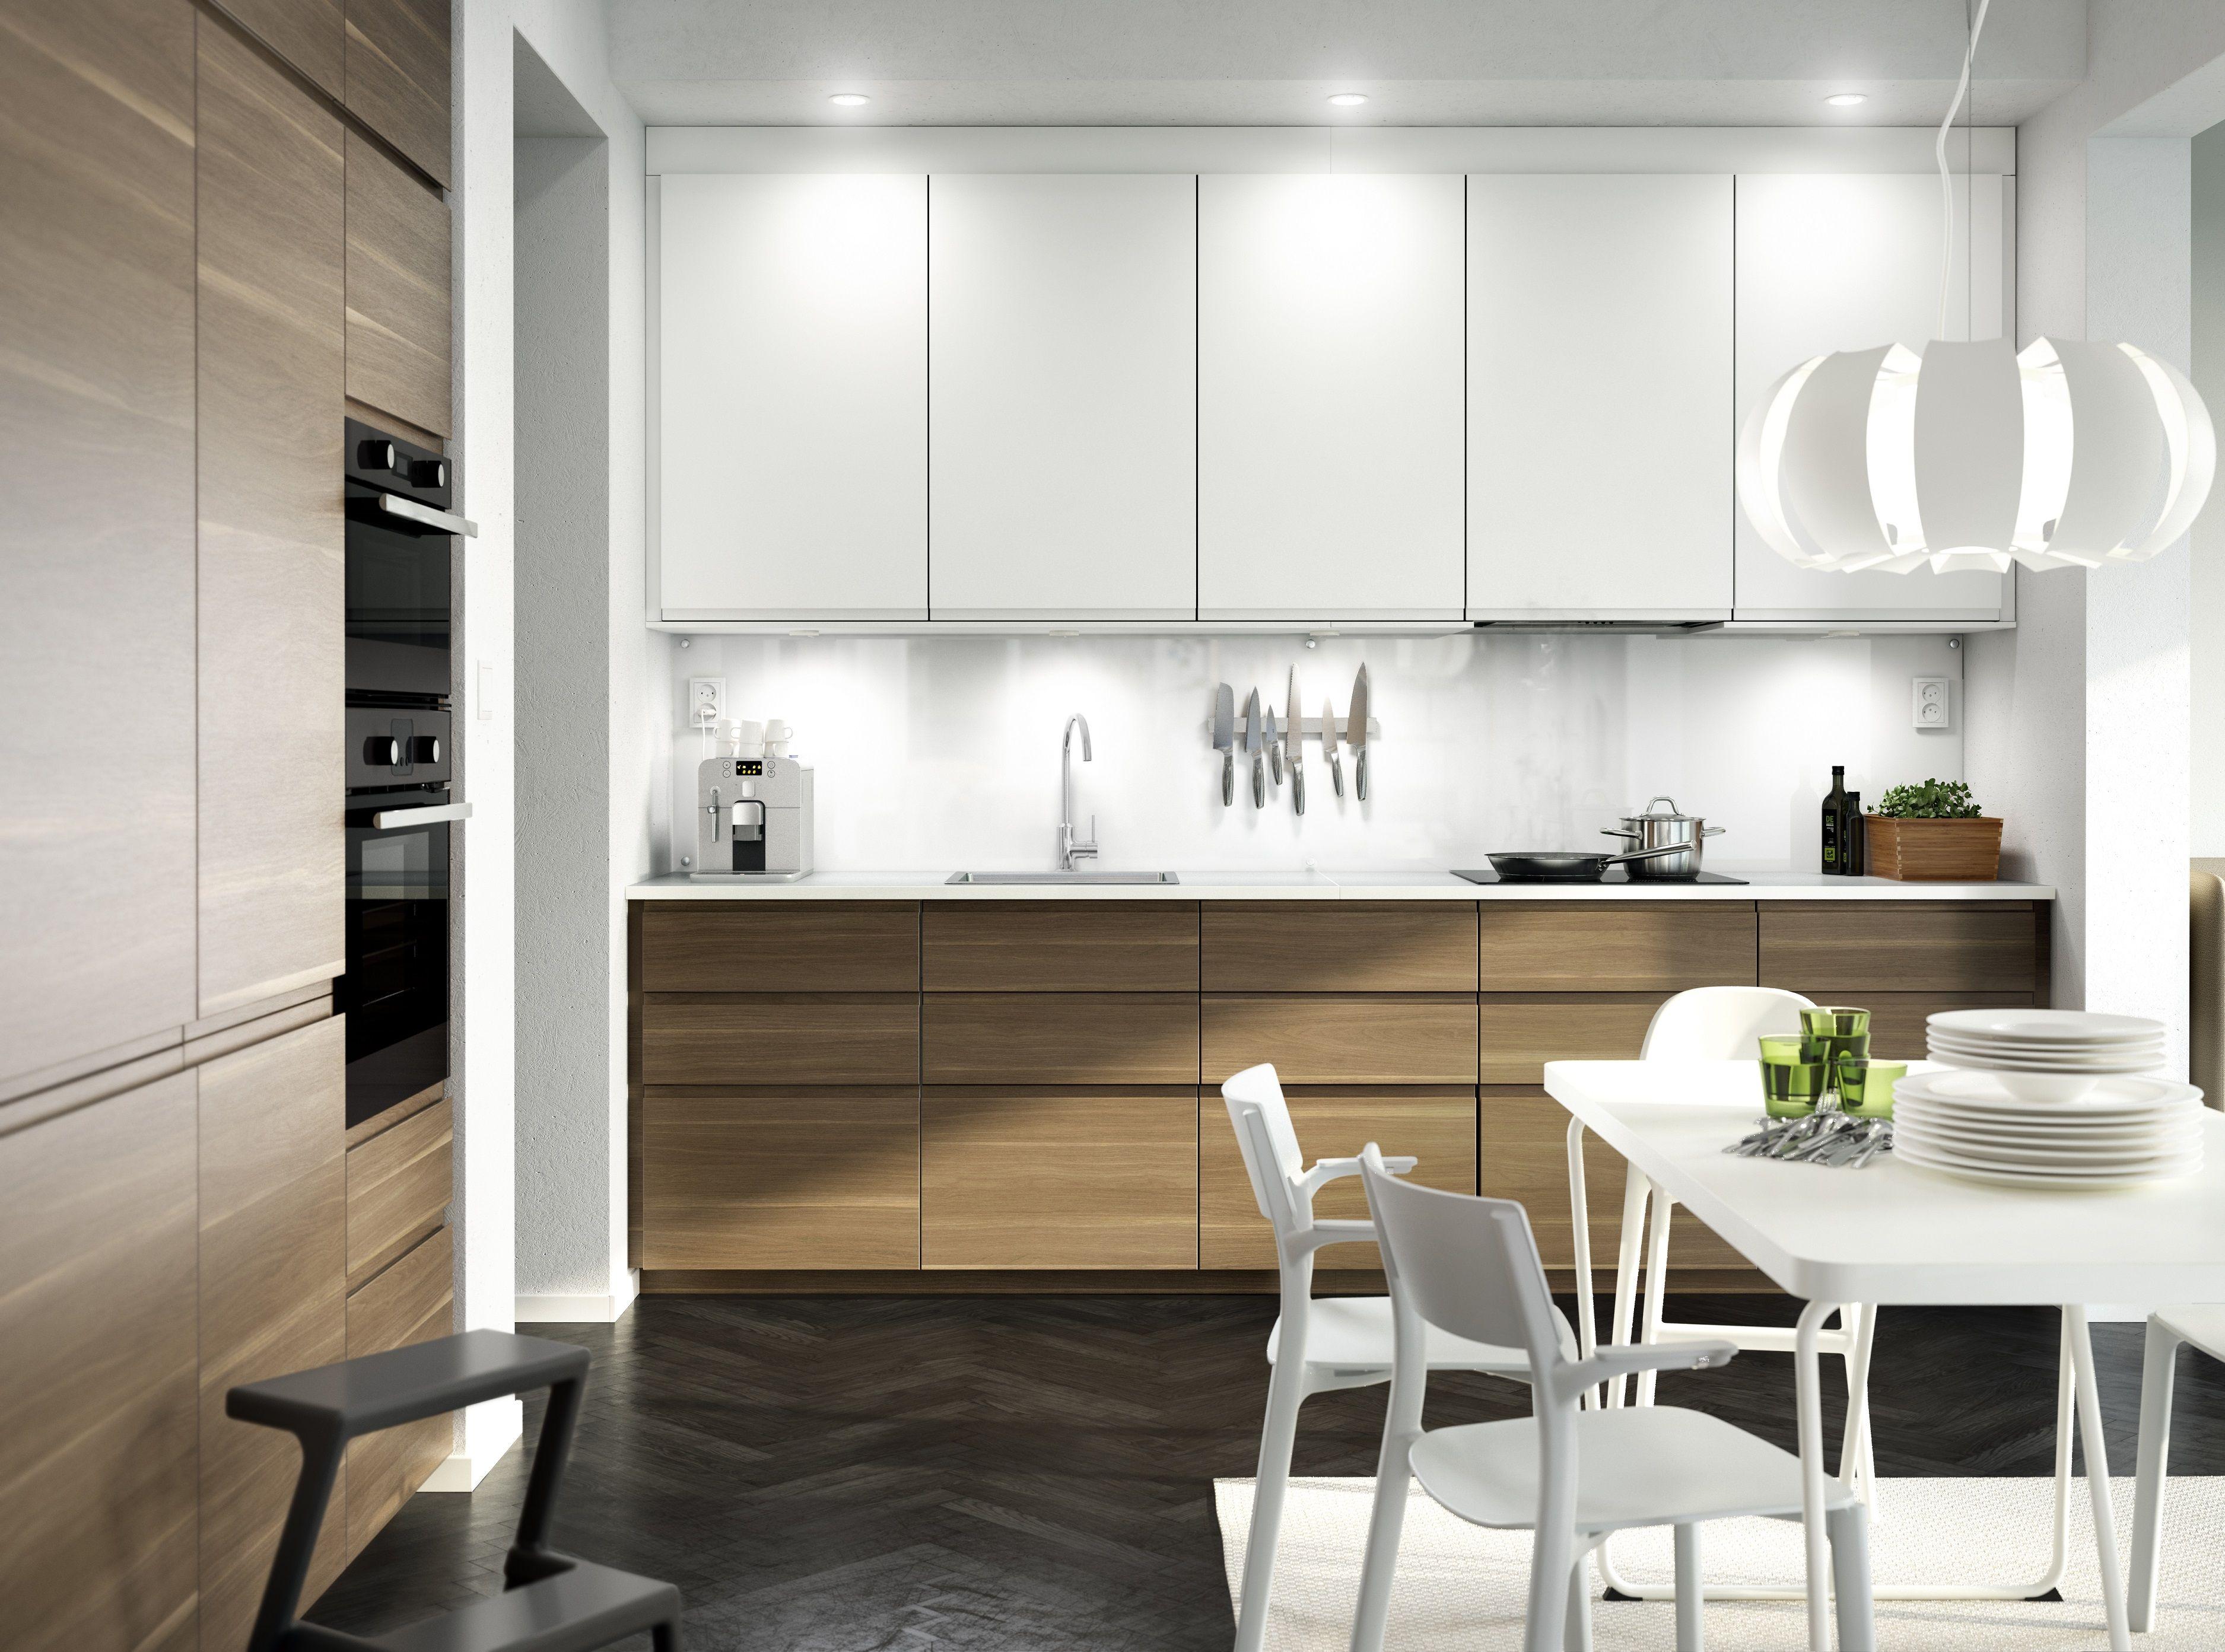 Keuken Ikea Moderne : Metod keuken #ikea #ikeanl #minimalistisch #modern #hout